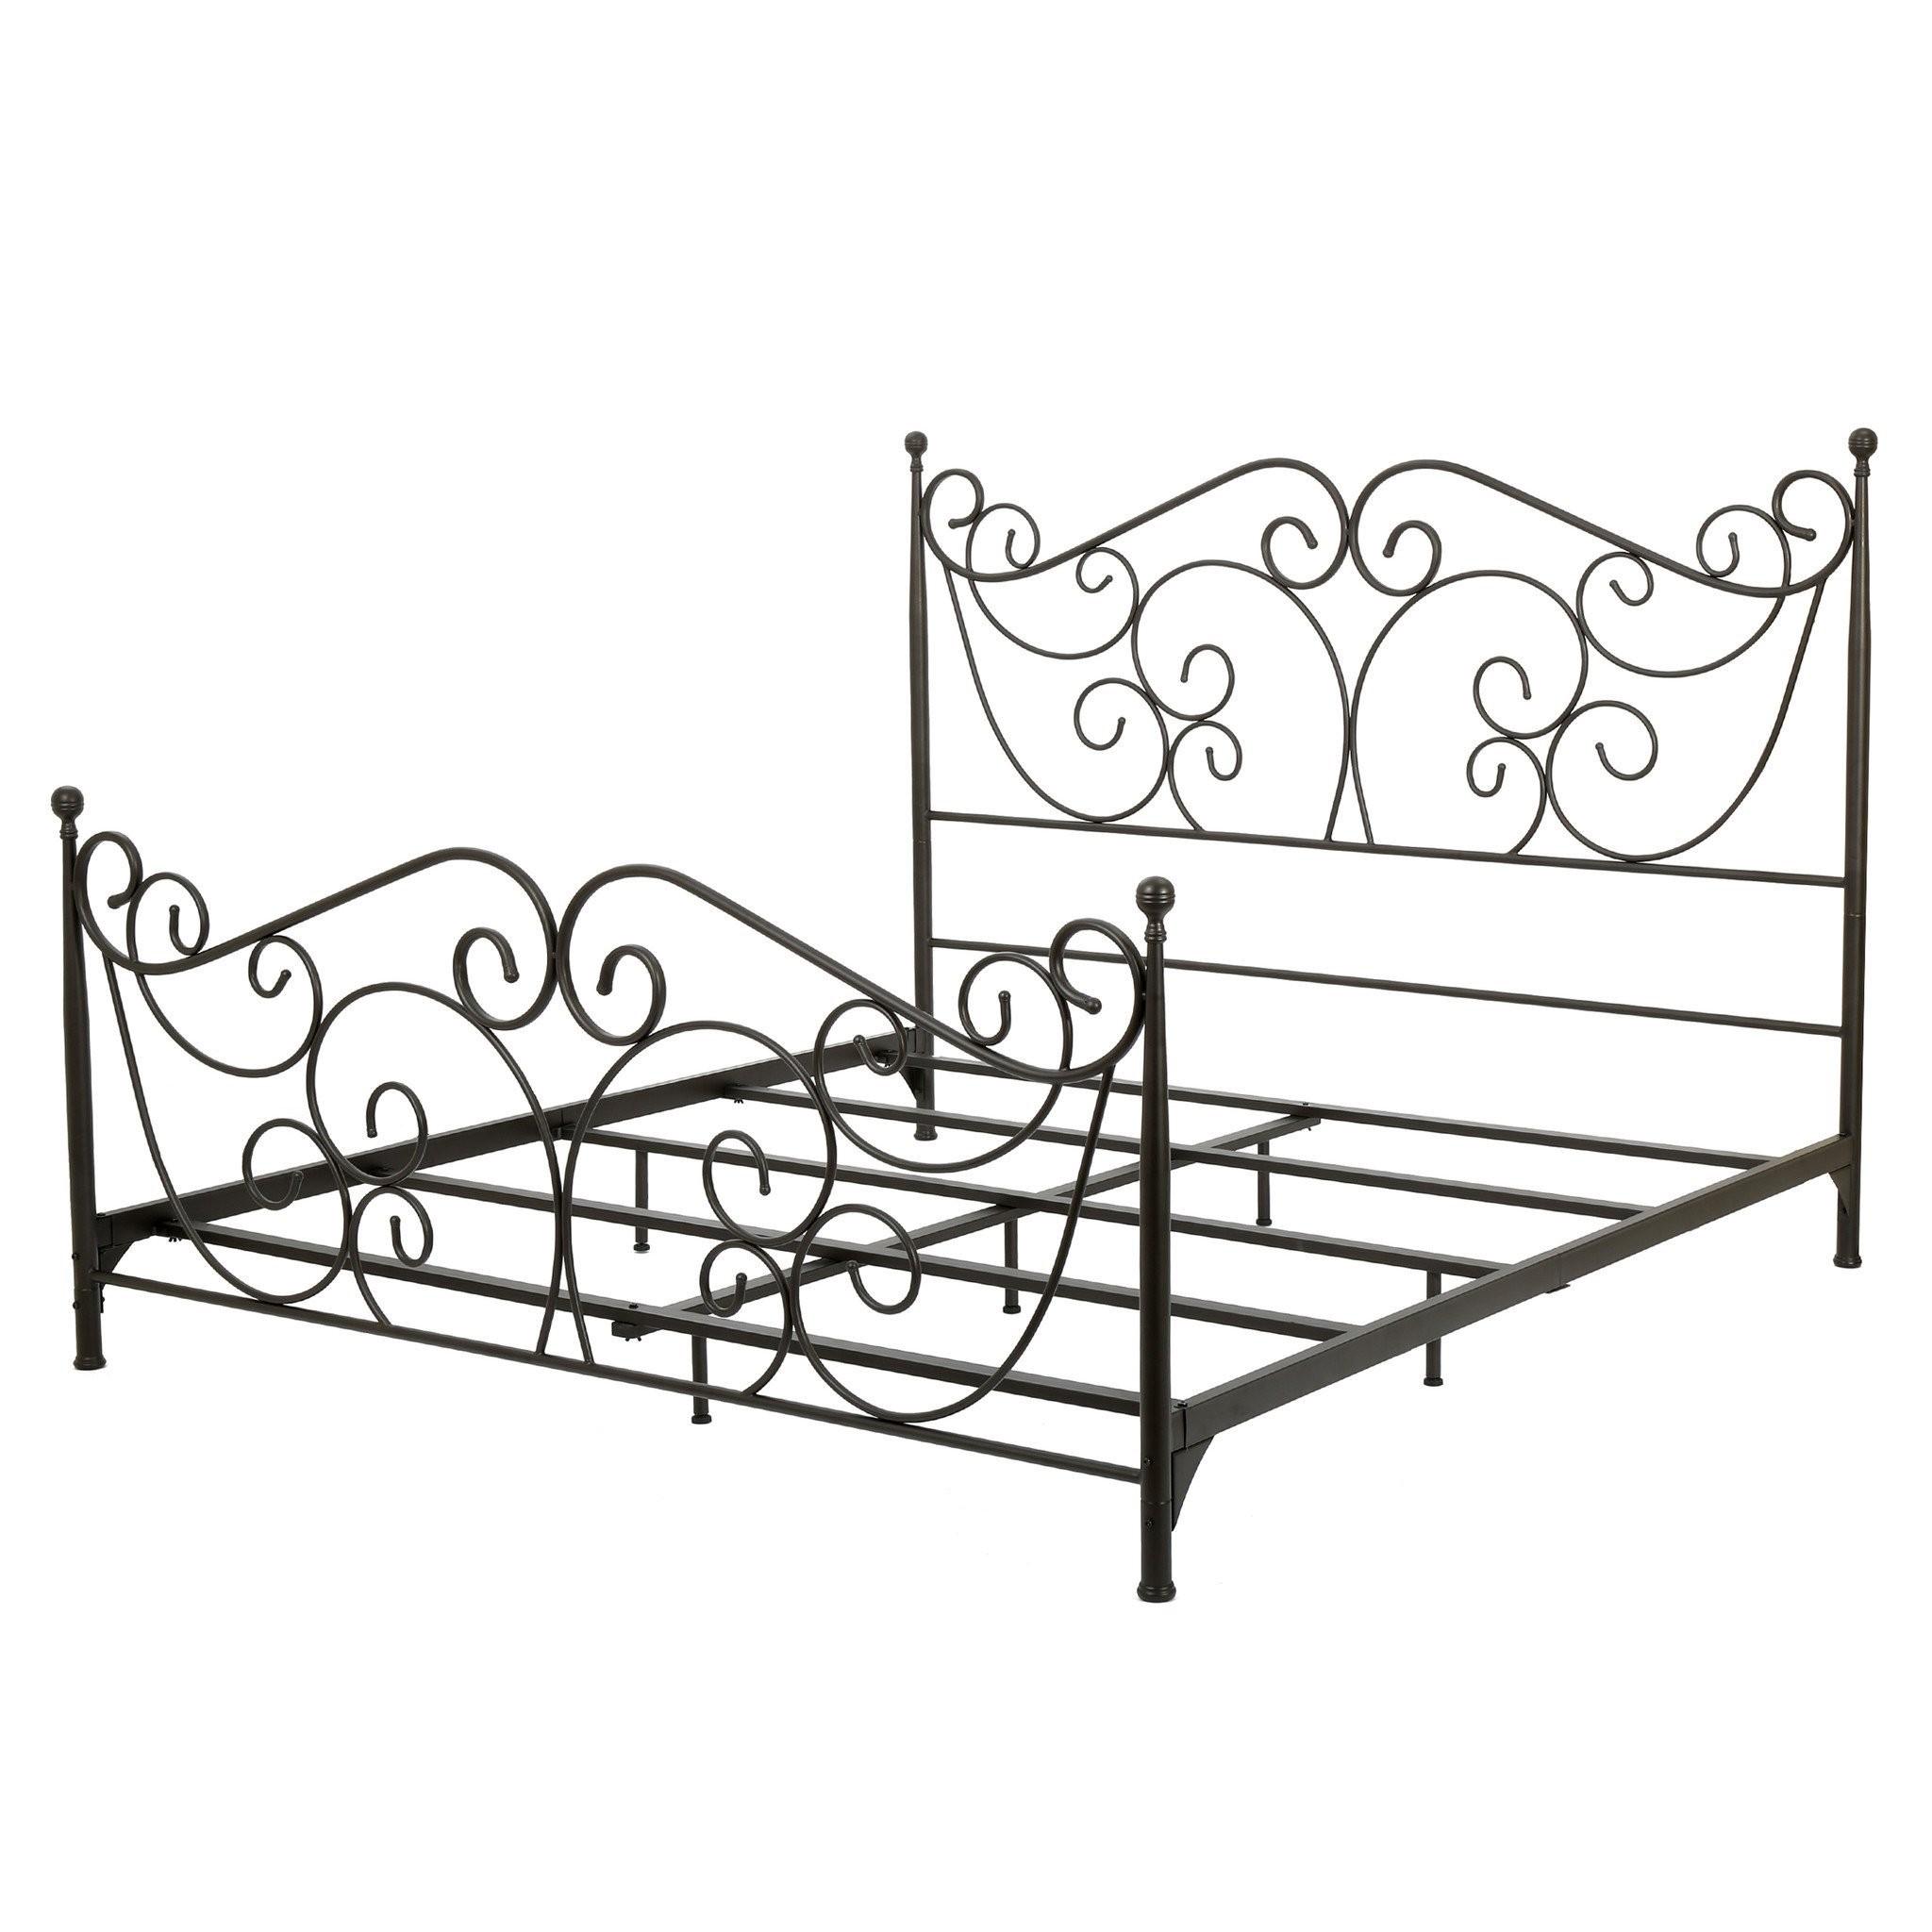 Denise Austin Home Horatio King Size Metal Bed Fra...